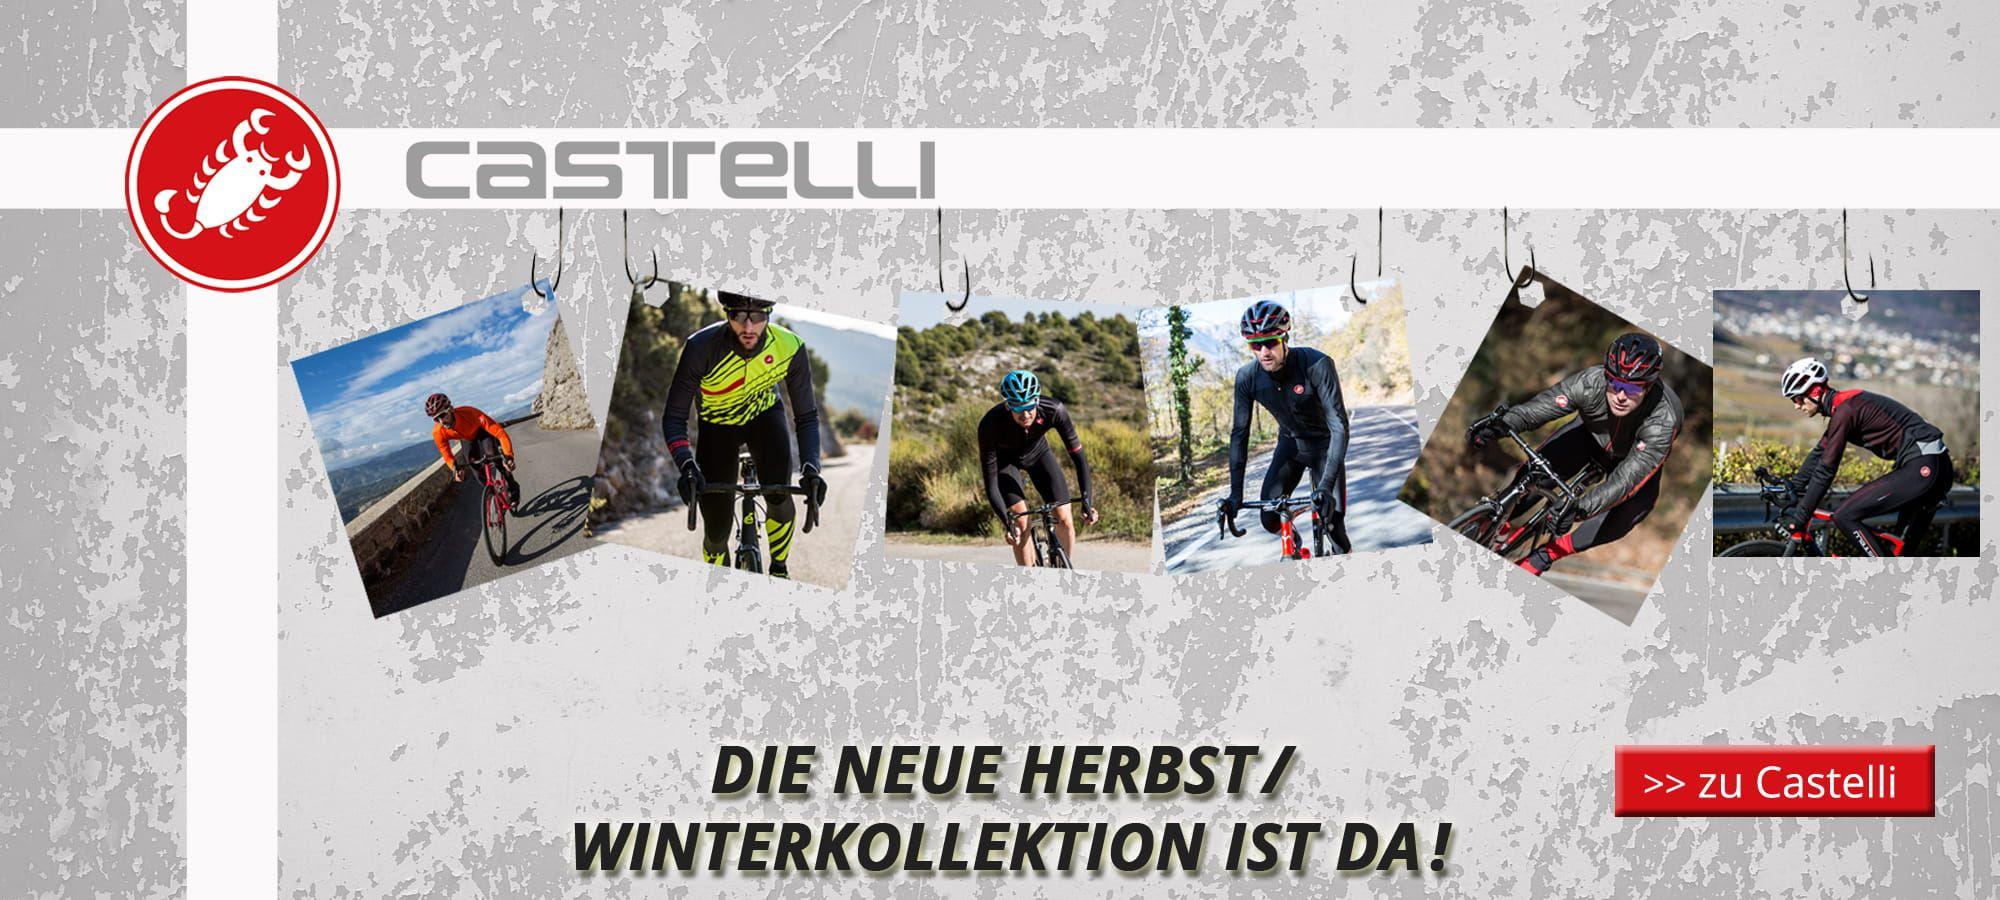 Herbst/ Winter Castelli 2018 - Die neue Herbst / Winterkollektion ist da !